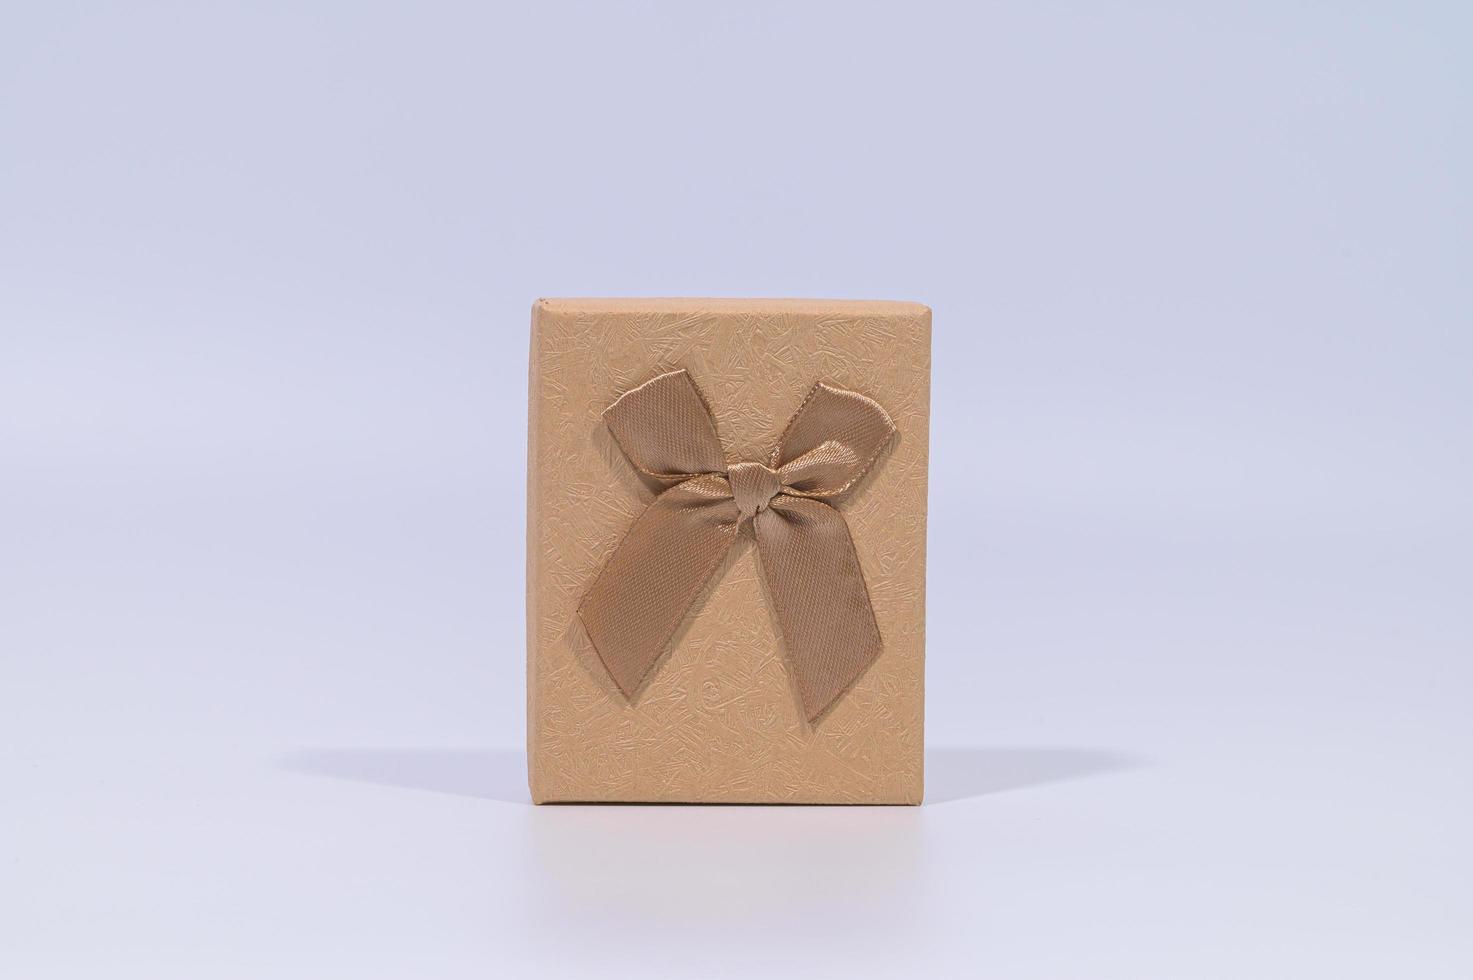 Caja de regalo marrón sobre fondo blanco. foto